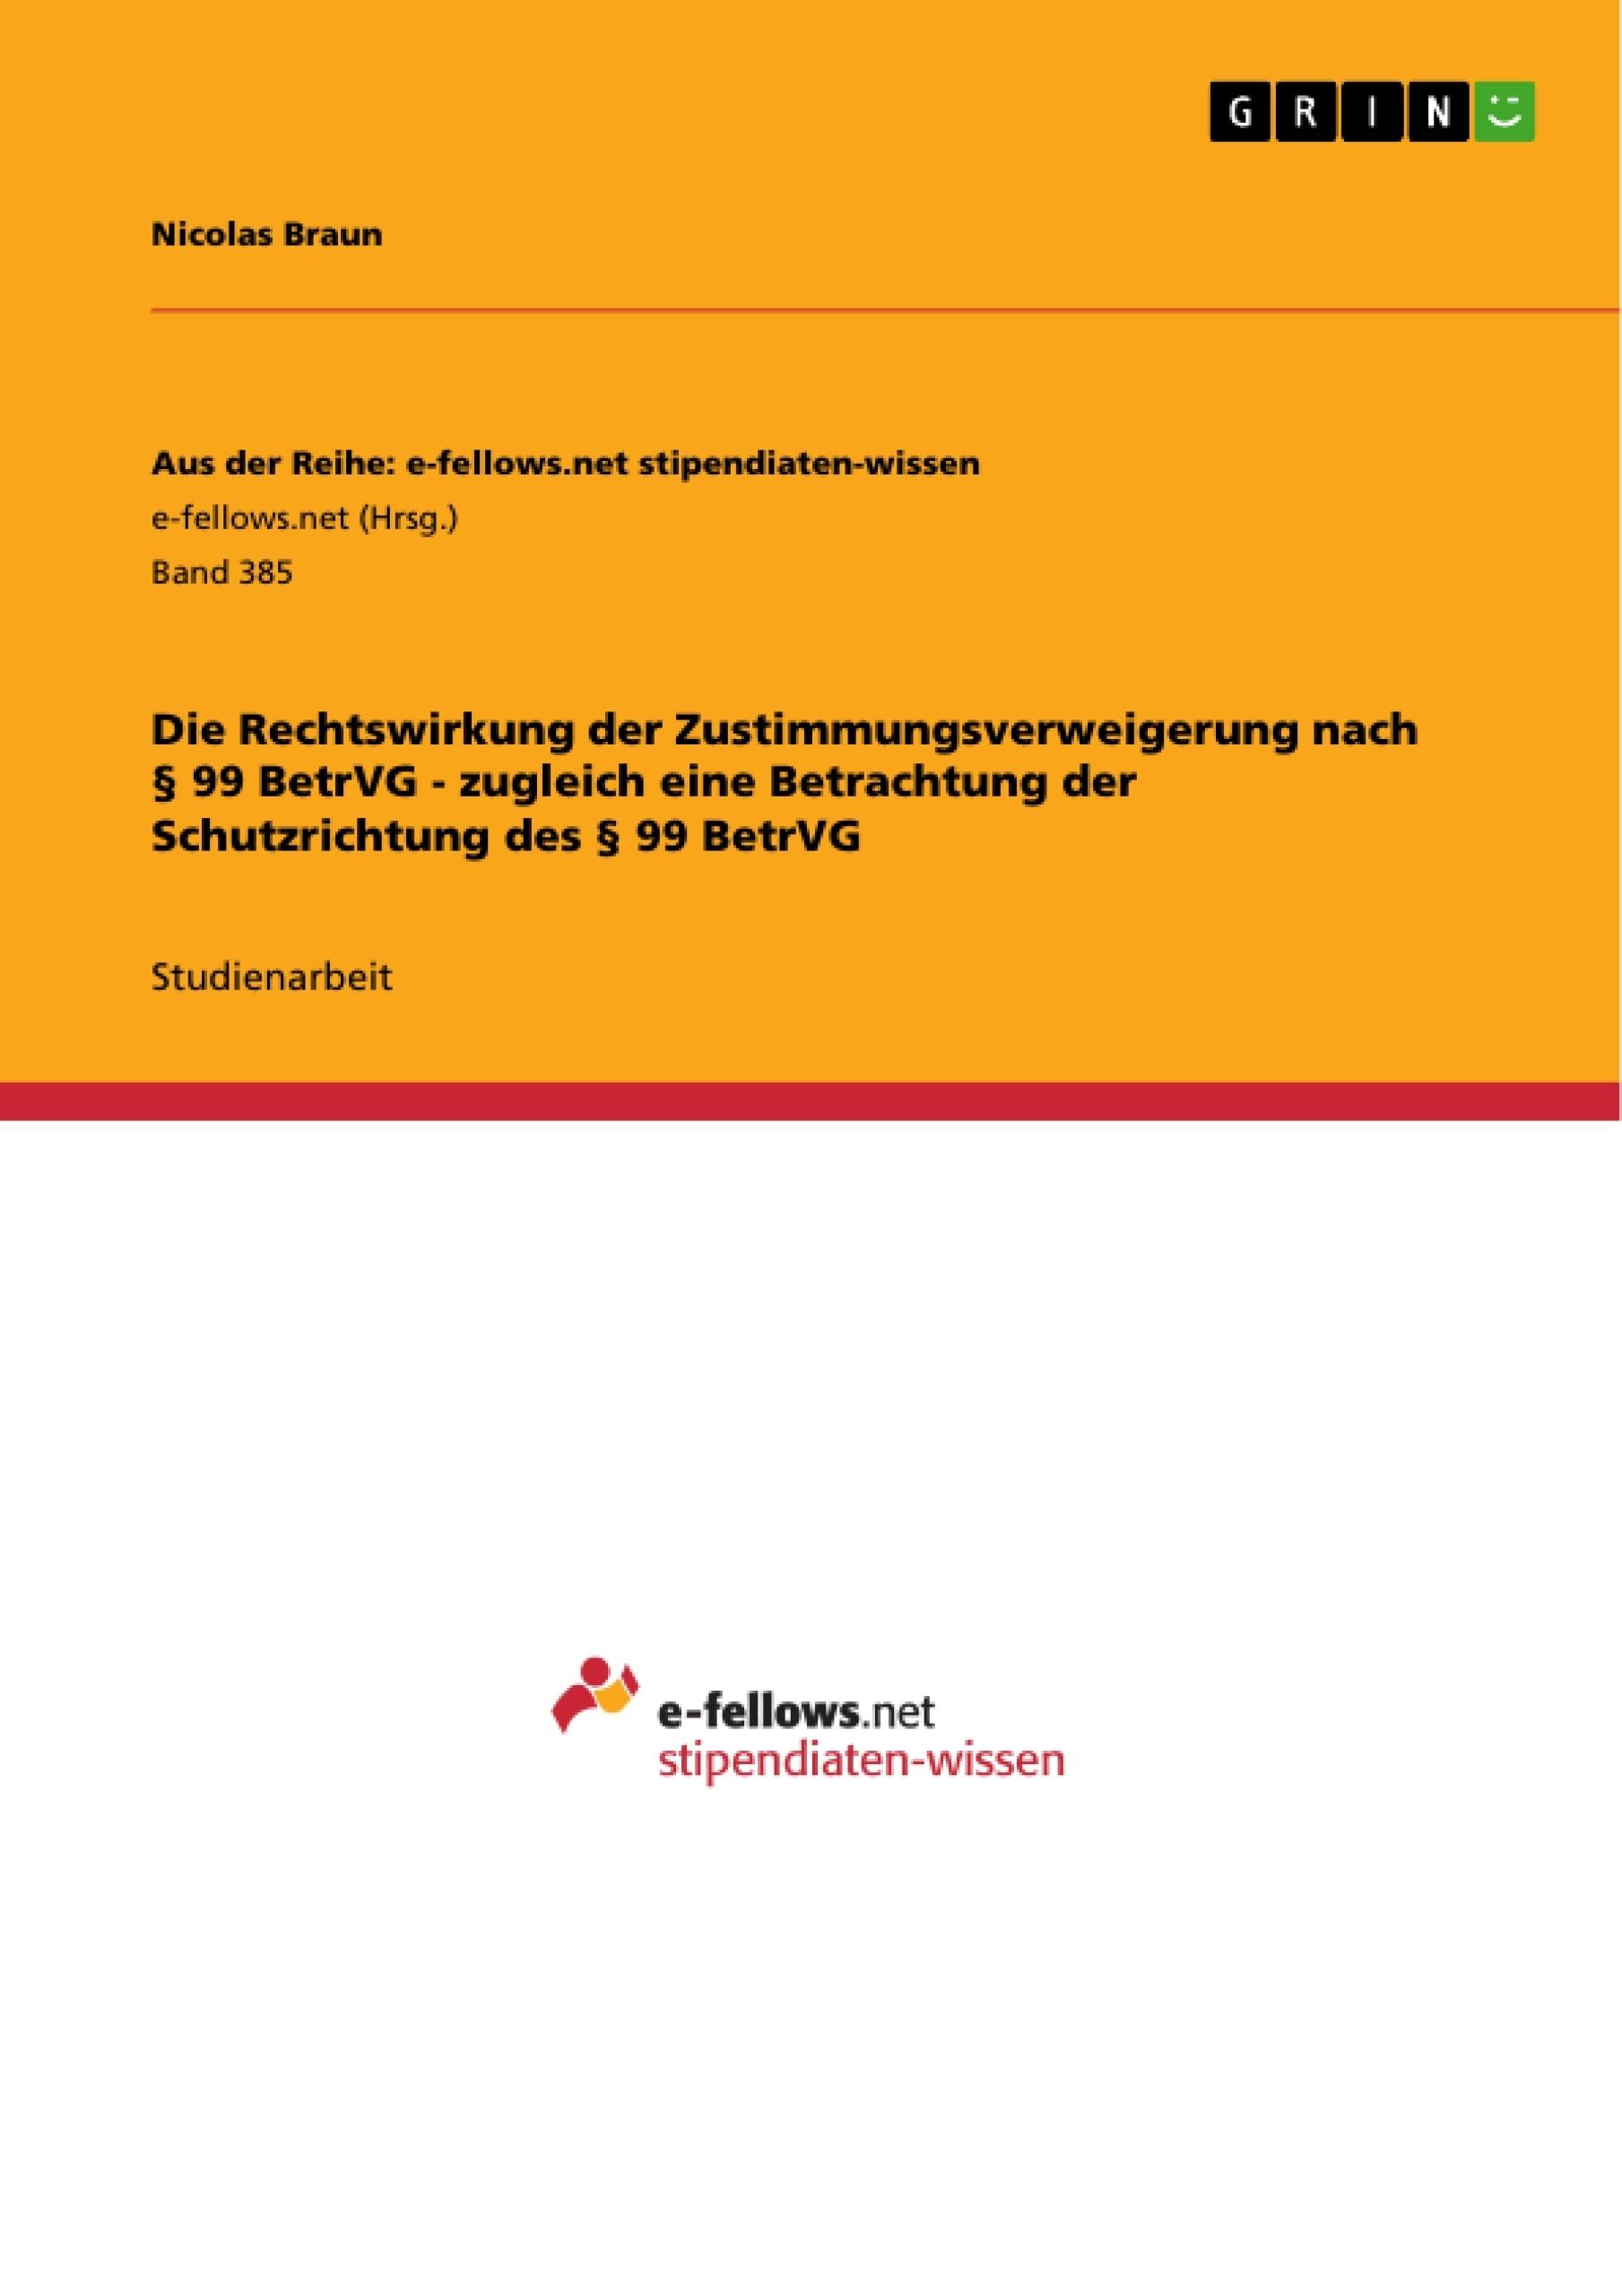 Titel: Die Rechtswirkung der Zustimmungsverweigerung nach § 99 BetrVG - zugleich eine Betrachtung der Schutzrichtung des § 99 BetrVG